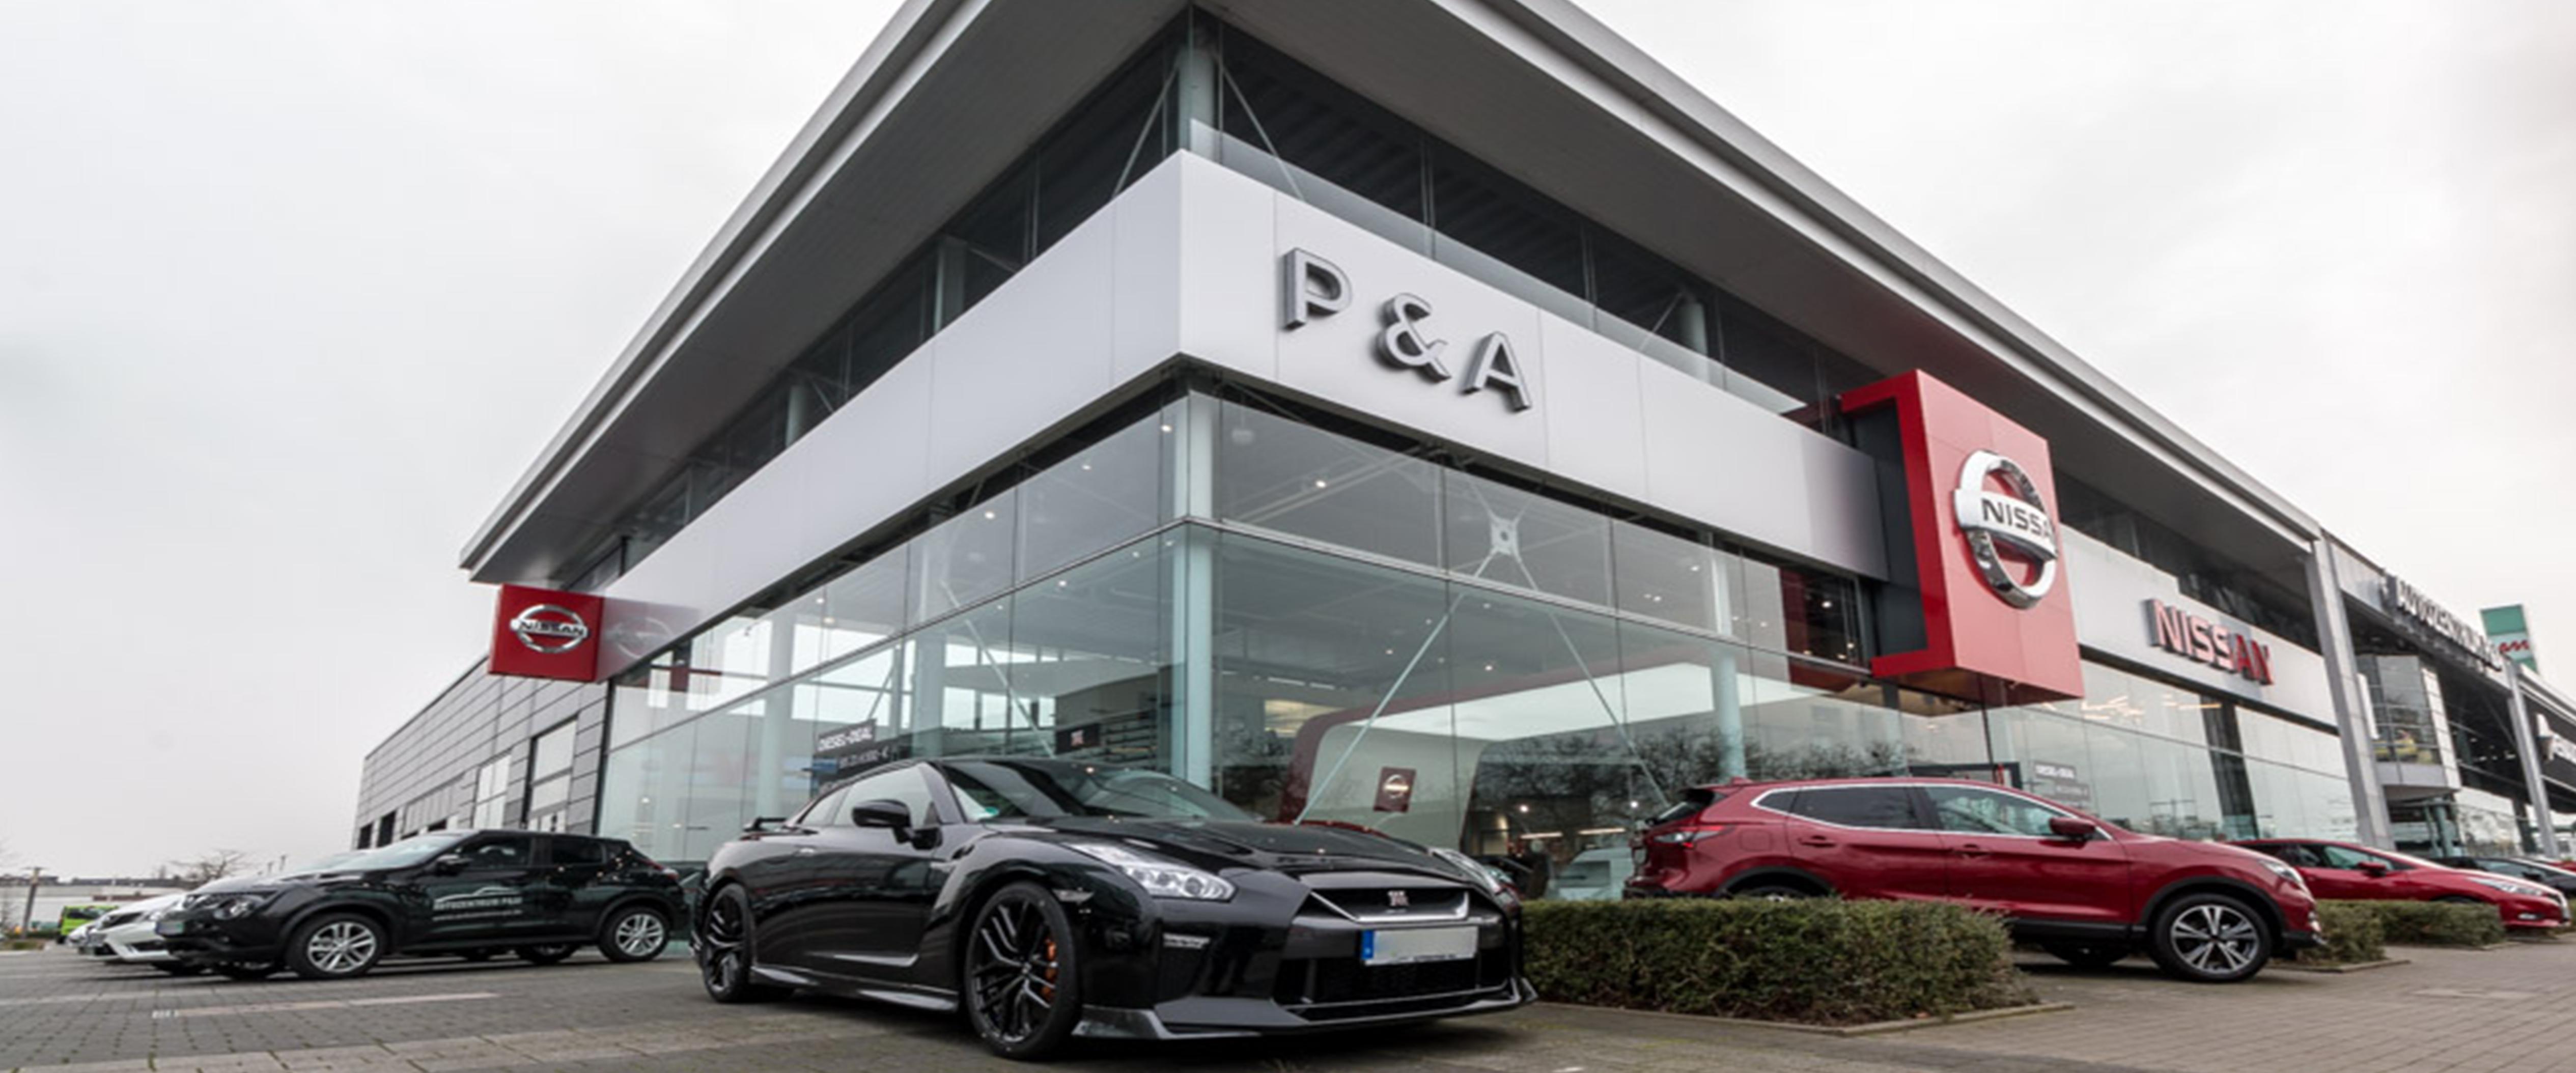 Bild 1 zu Beitrag 'Nissan Flagship-Store - Das neue Highlight an der Düsseldorfer Automeile'